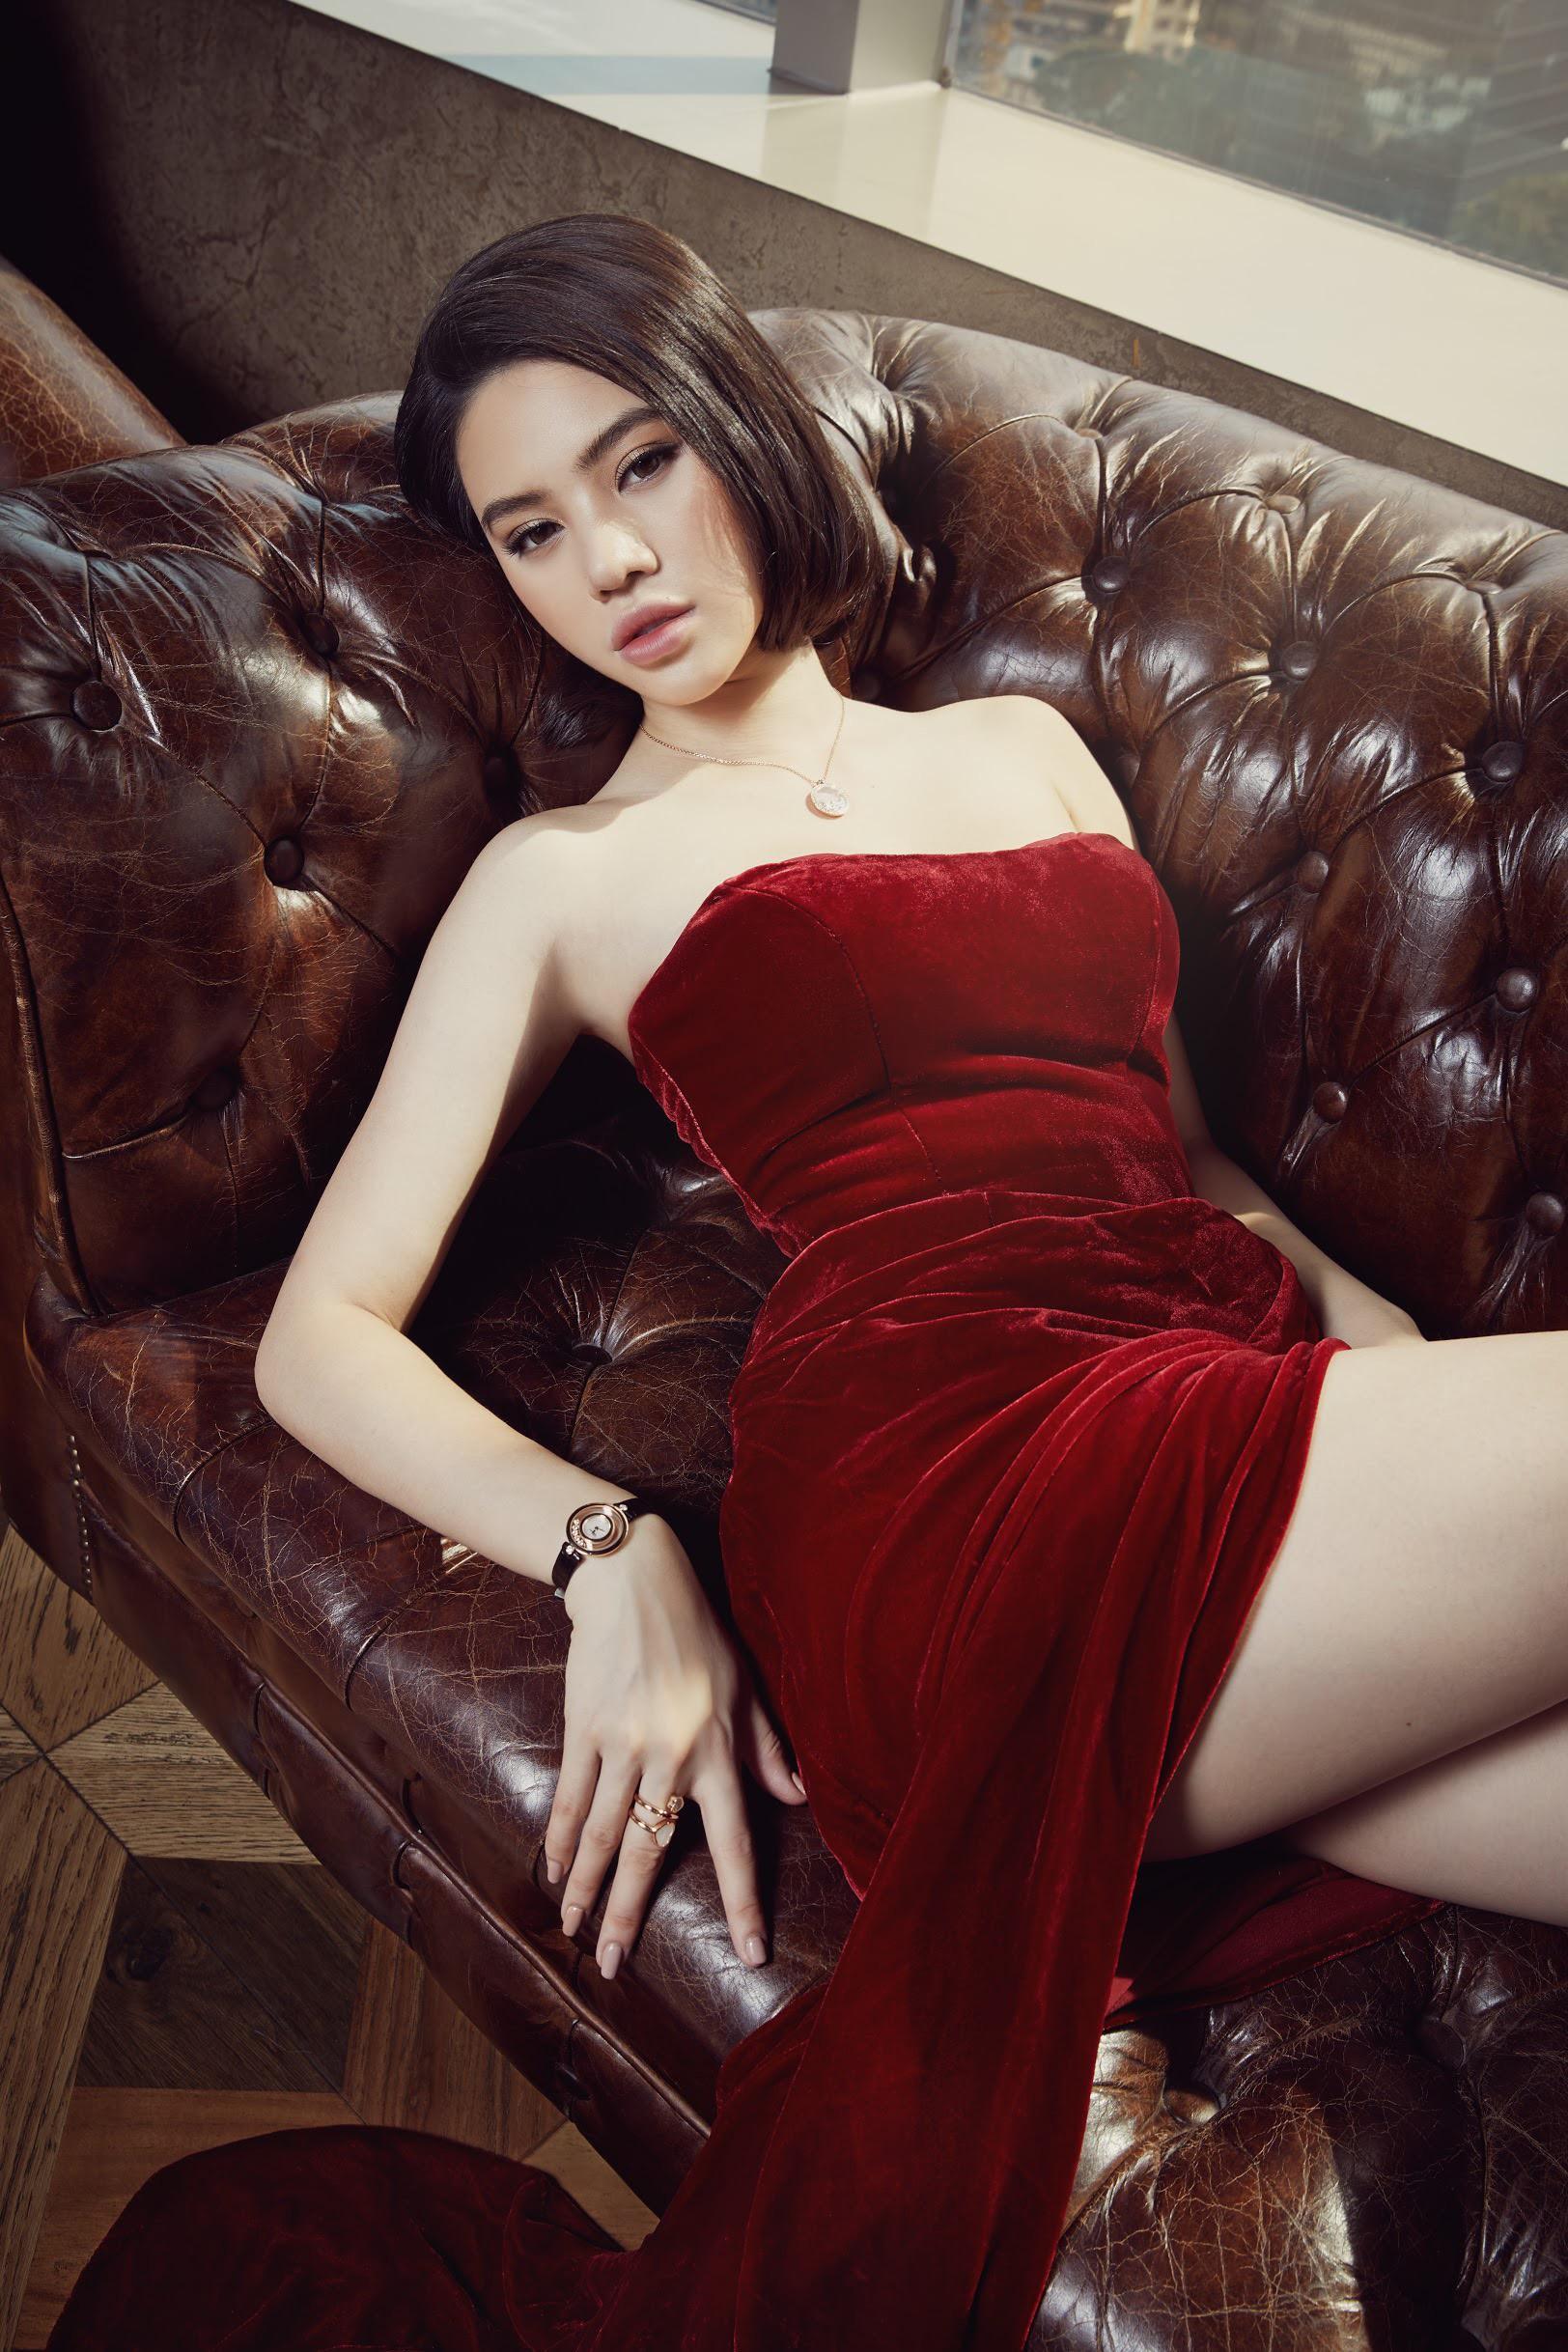 Nghi vấn bạn thân giật bồ: Chuyện không hiếm trong showbiz Việt, rắc rối chẳng kém vợ chồng Song - Song!-1